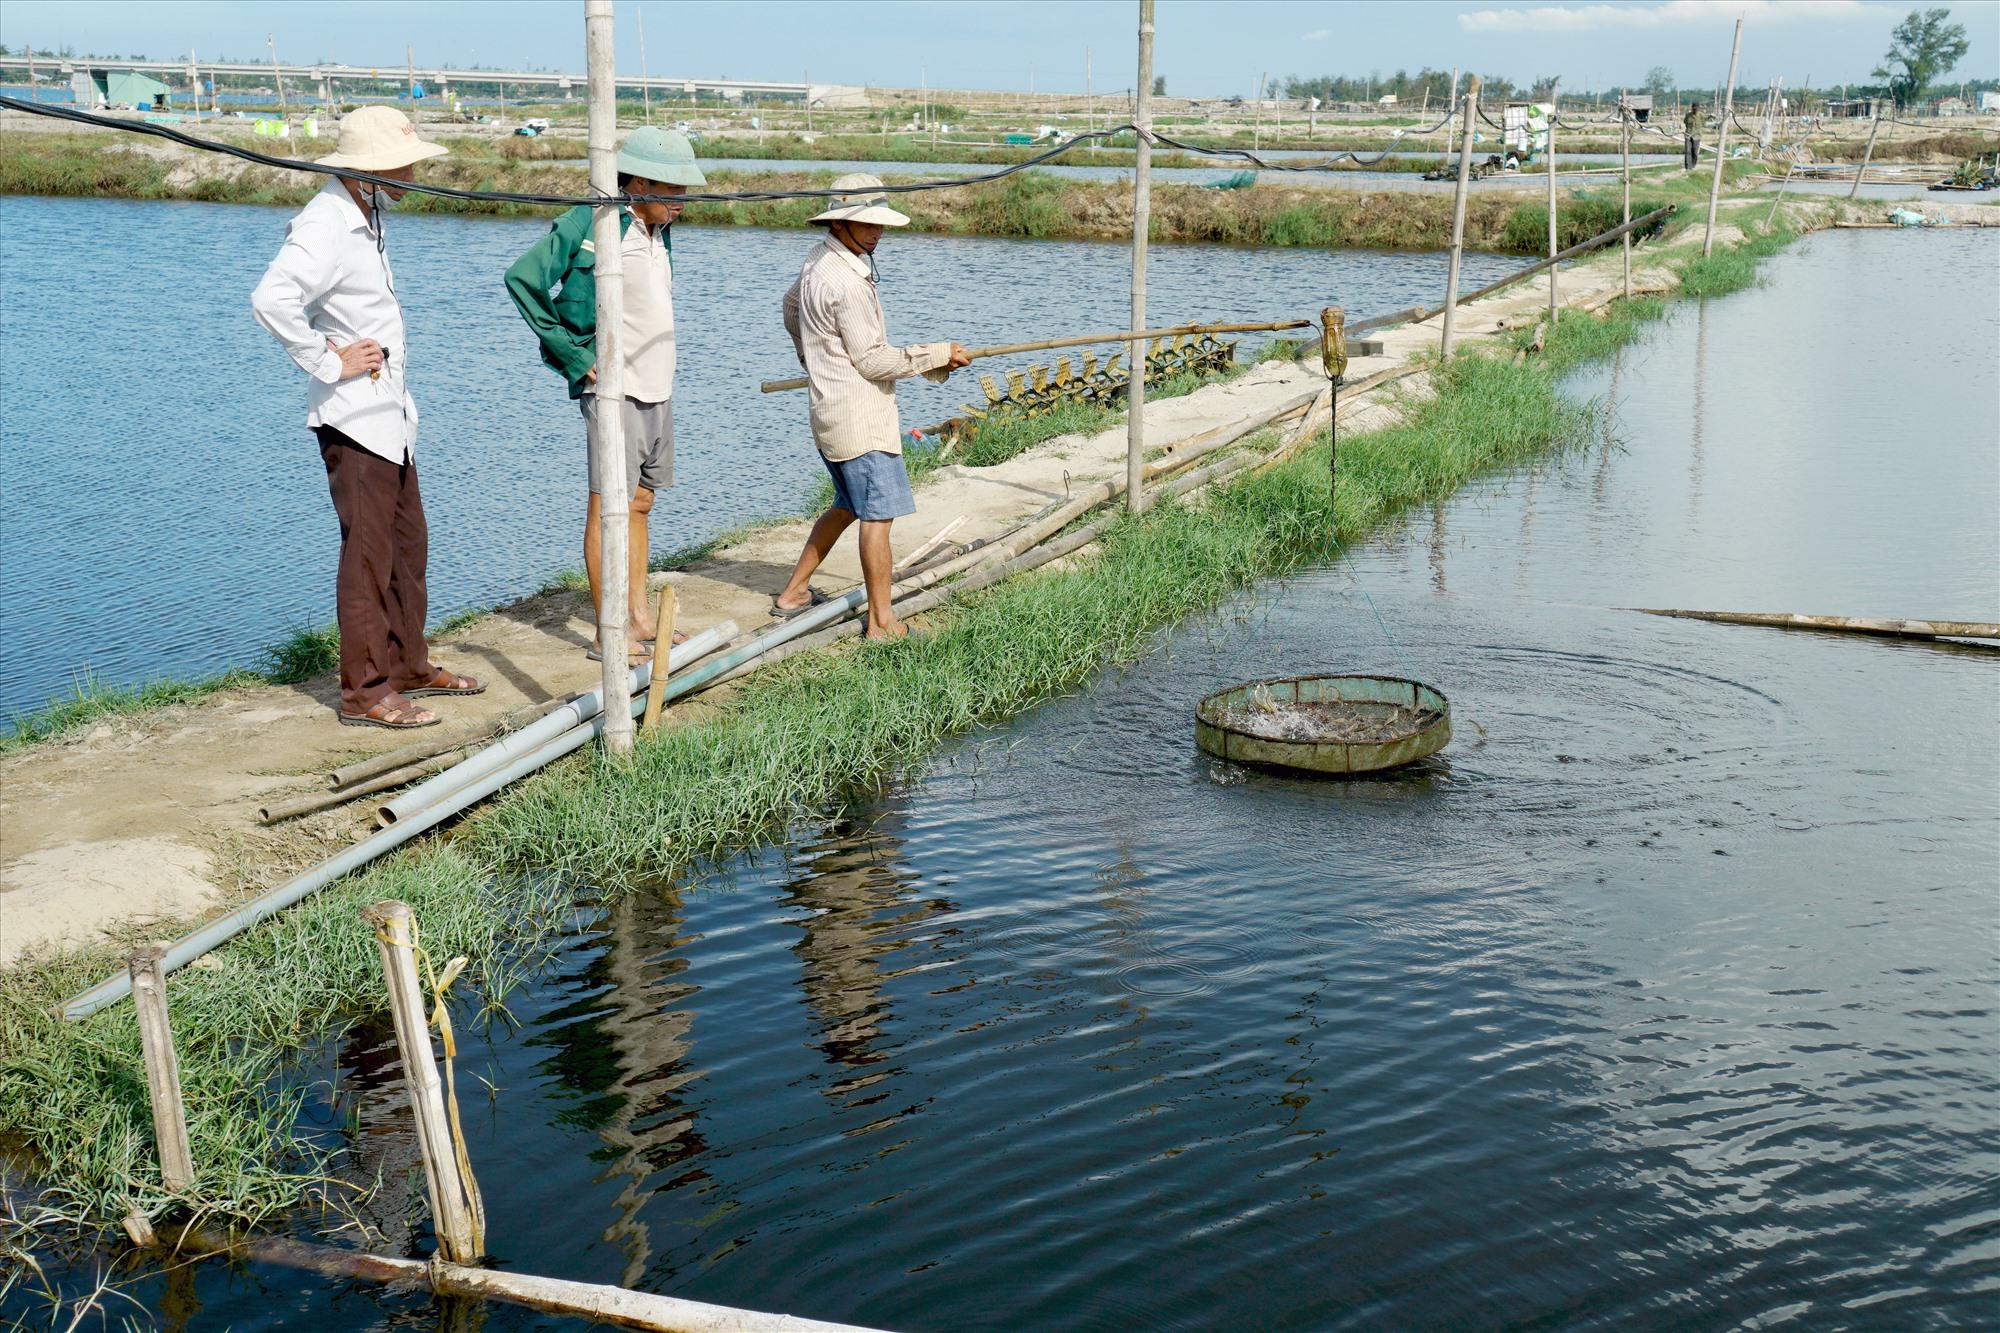 Mô hình nuôi tôm của ông Phạm Văn Đợi (thành viên Tổ hội nghề nghiệp nuôi tôm nước lợ Tam Thăng) cho hiệu quả kinh tế khả quan. Ảnh: NGUYỄN ĐIỆN NGỌC